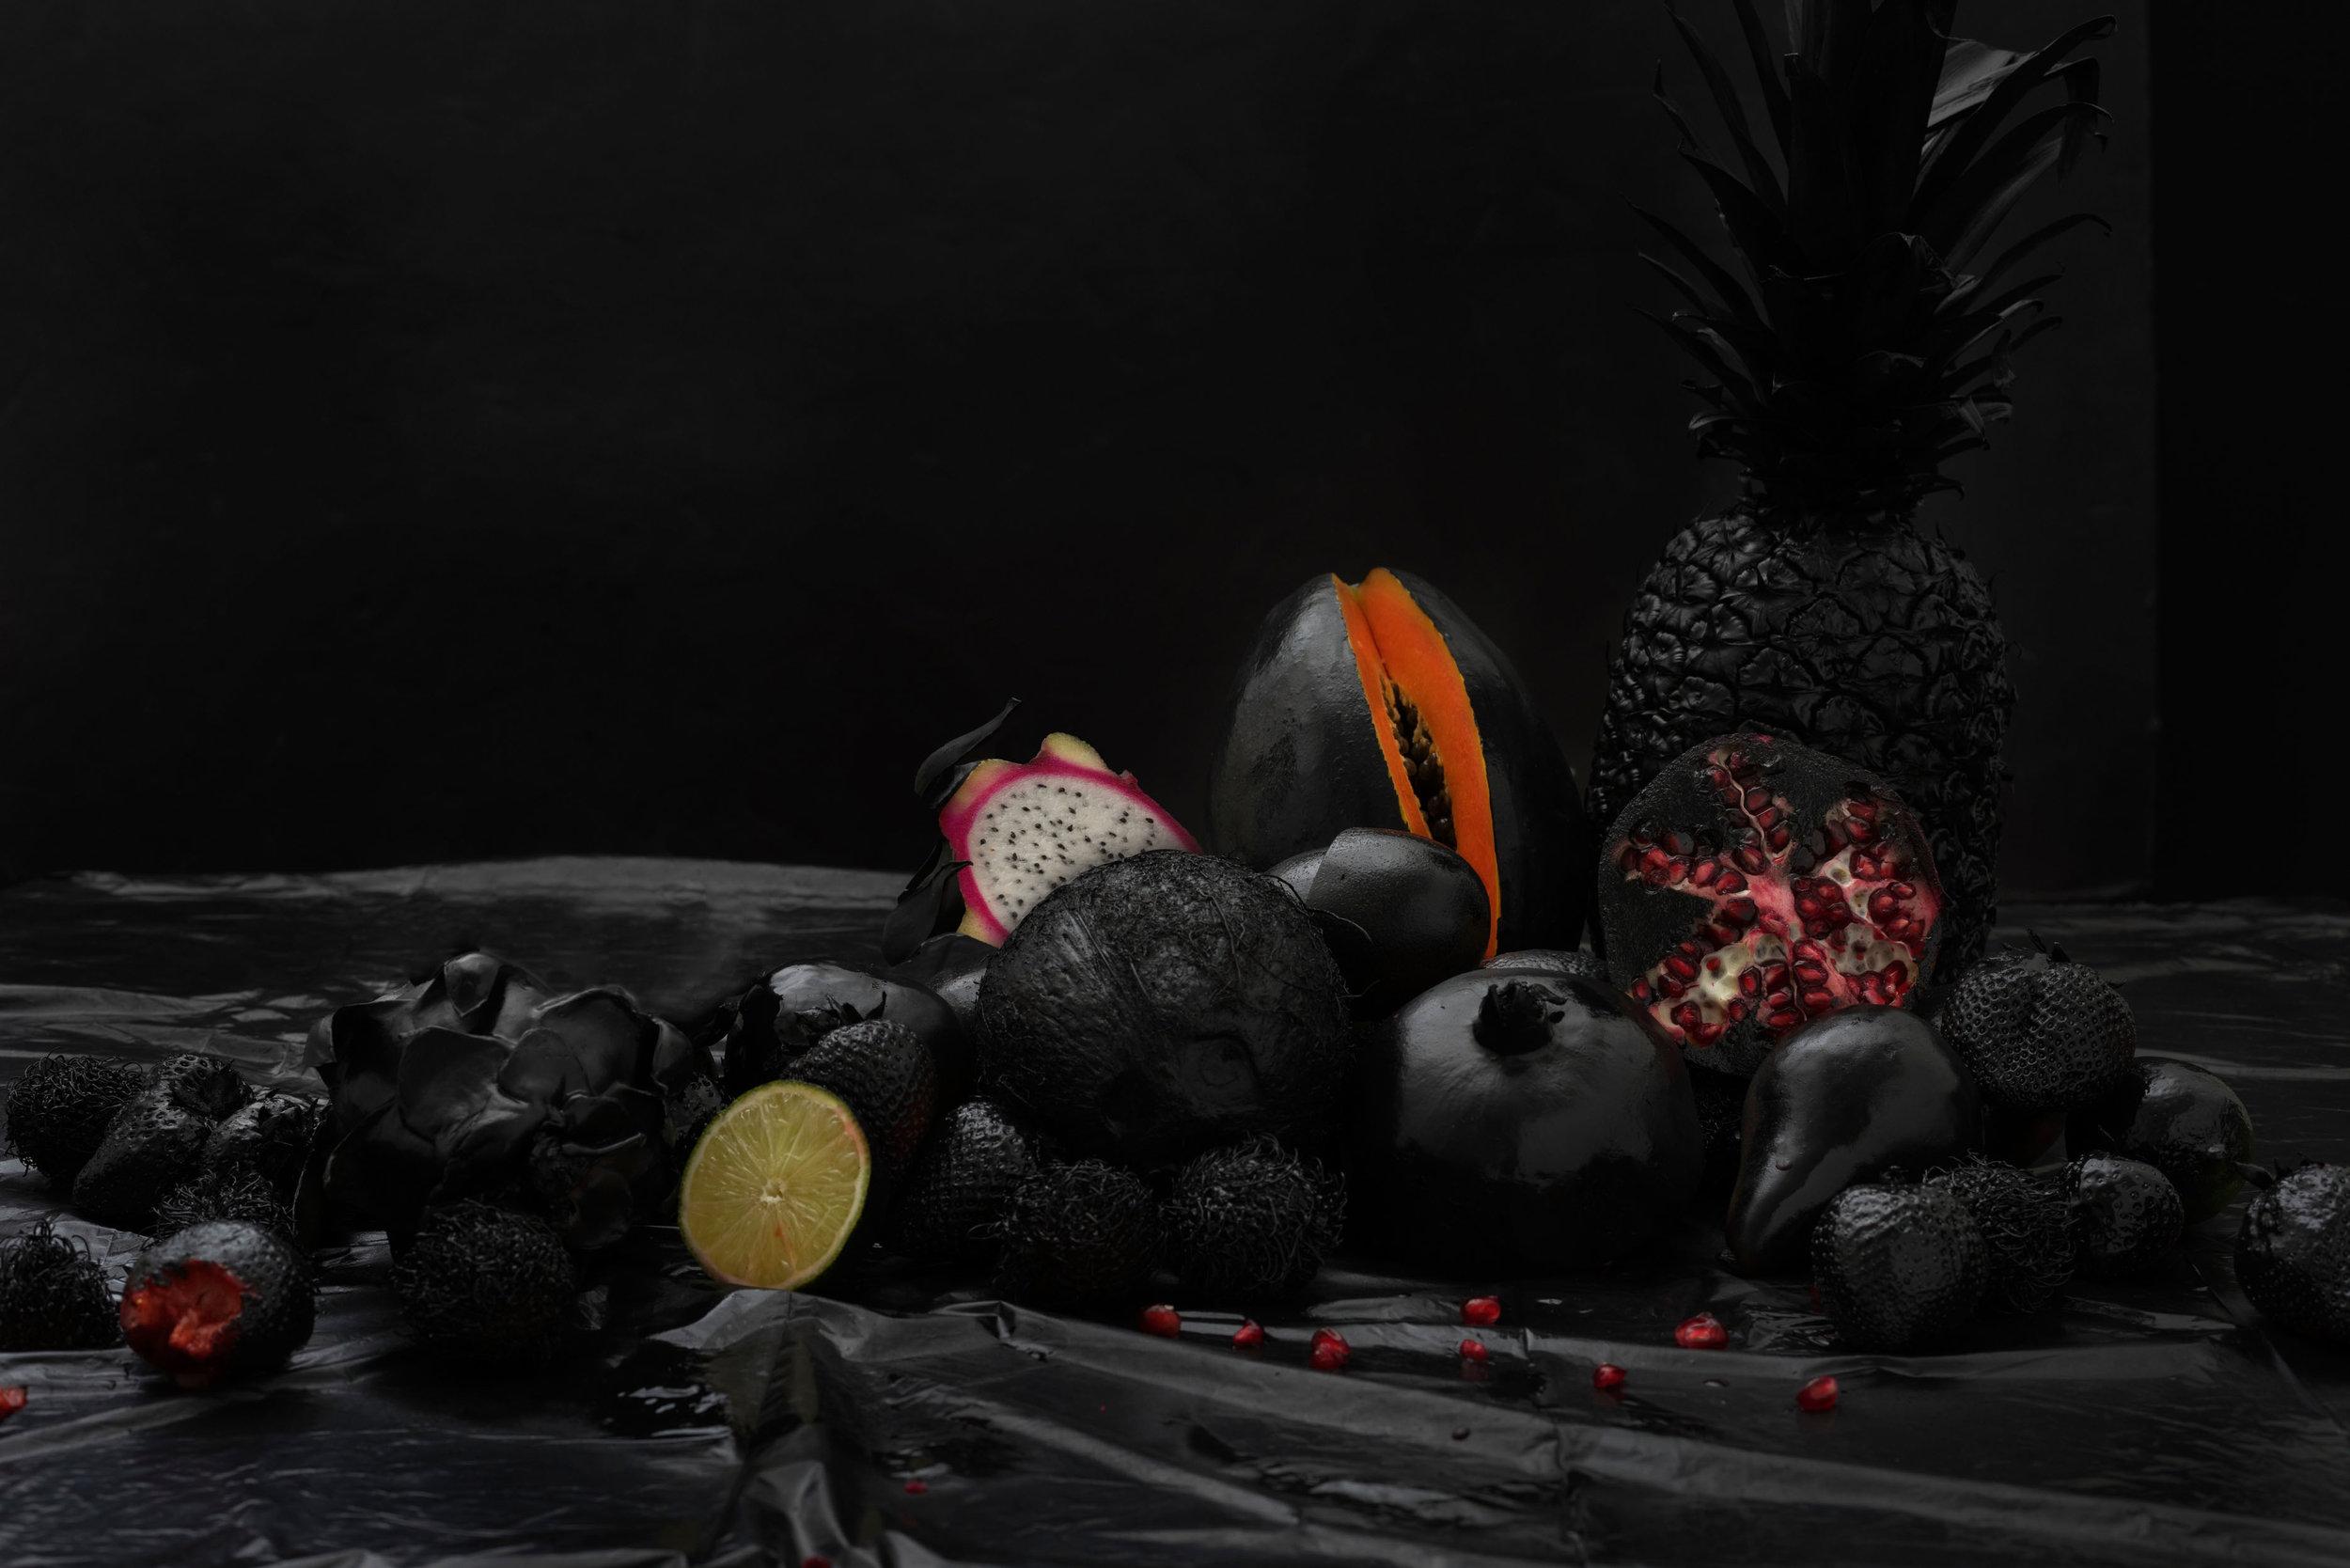 13_Fruit.jpg